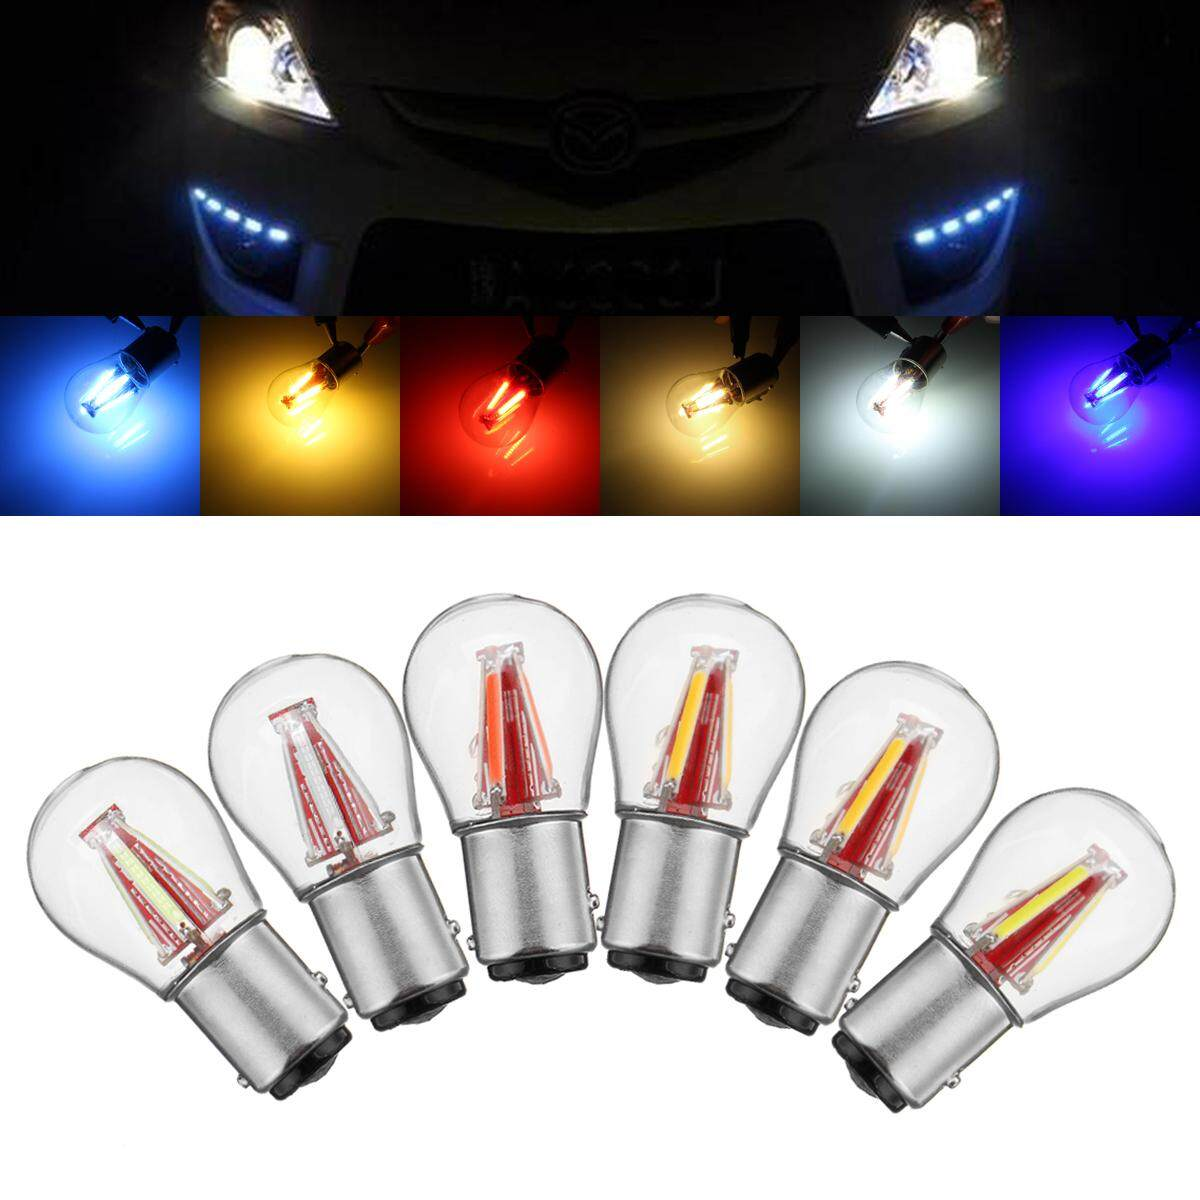 4LED Filament 1157 BAY15D Light Bulb Car Tail Stop Brake Lamp Parking Light